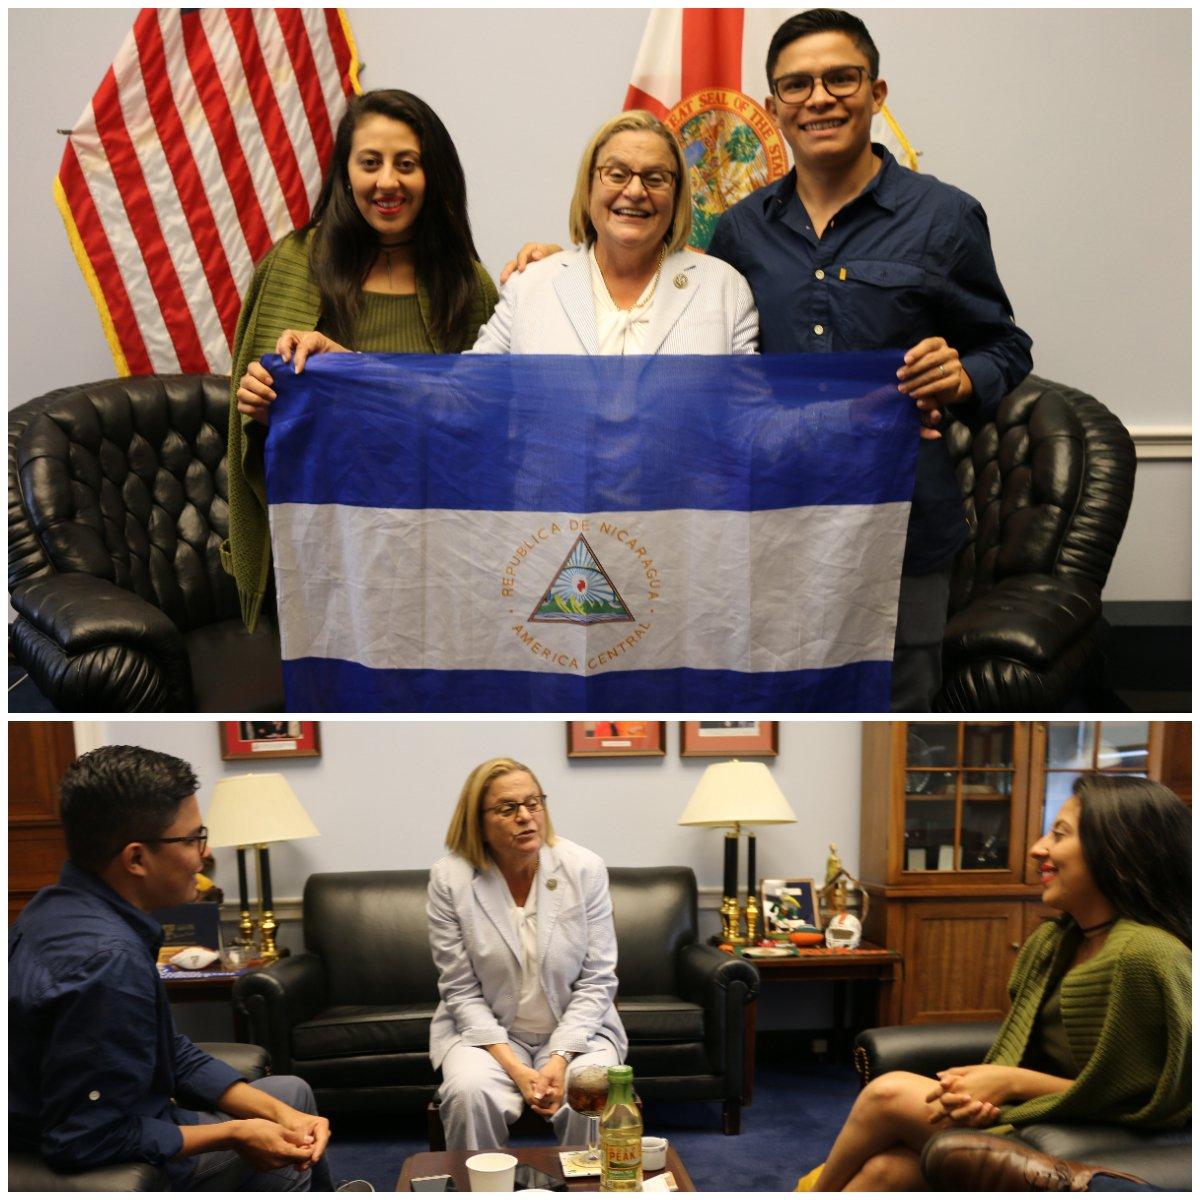 Muy inspirada en reunirme c Victor y Zayda, valientes líderes universitarios q anhelan una #Nicaragua #libre y #democrática. Estos estudiantes representan la voz de tantos jóvenes en protestar y denunciar la violencia del régimen de #Ortega. #EEUU los escucha y los vamos a apoyar